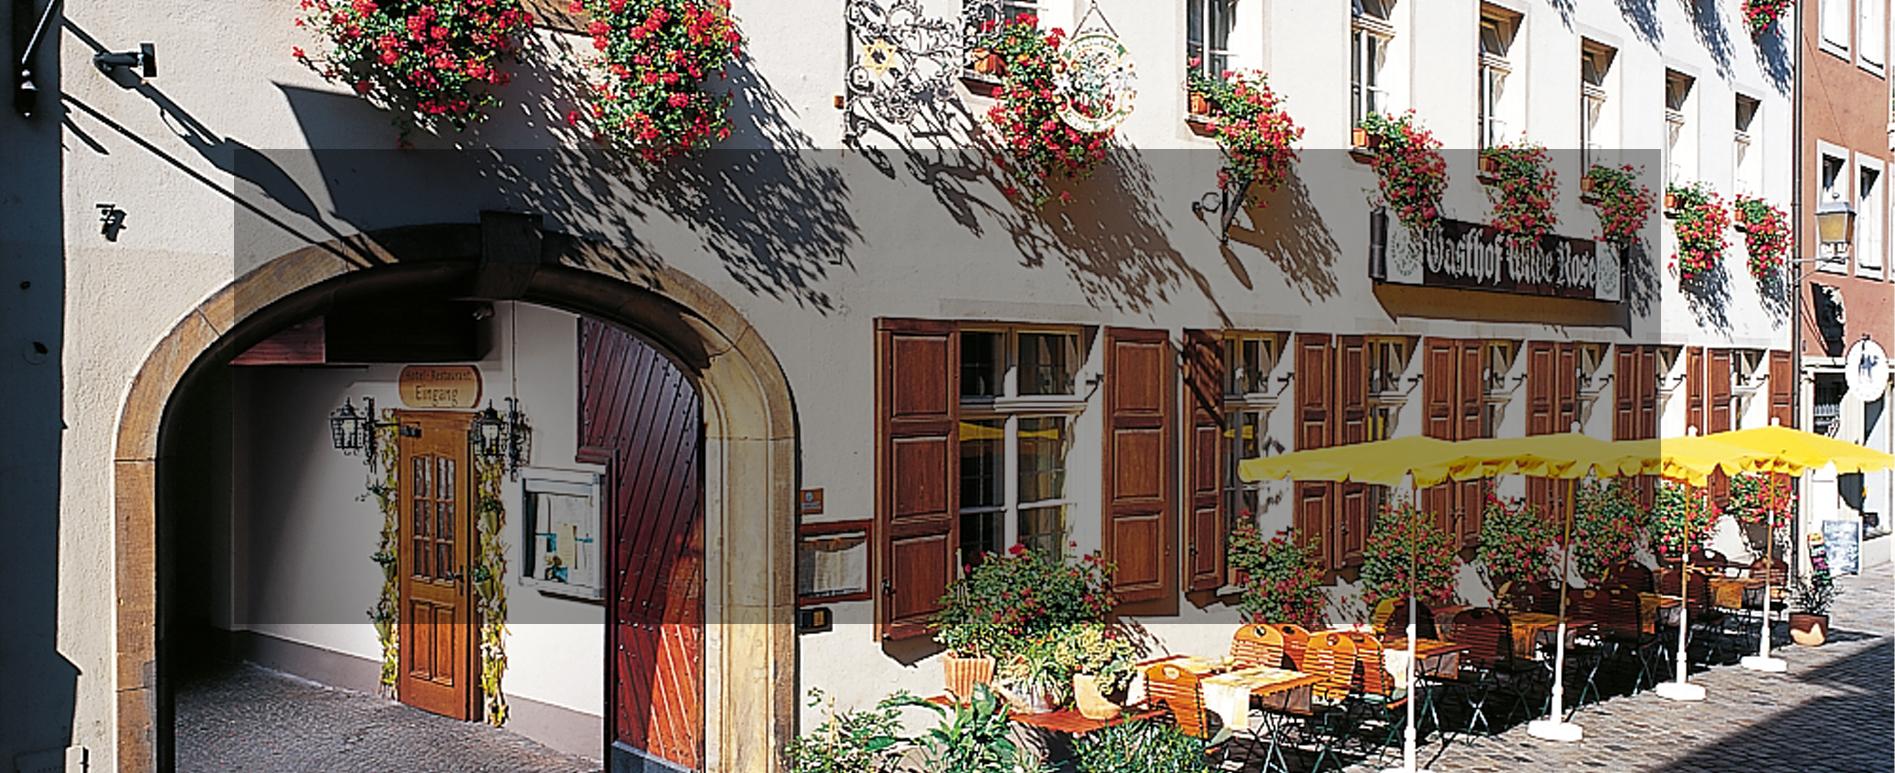 Hotel-Wilde-Rose-Bamberg-Startslider1